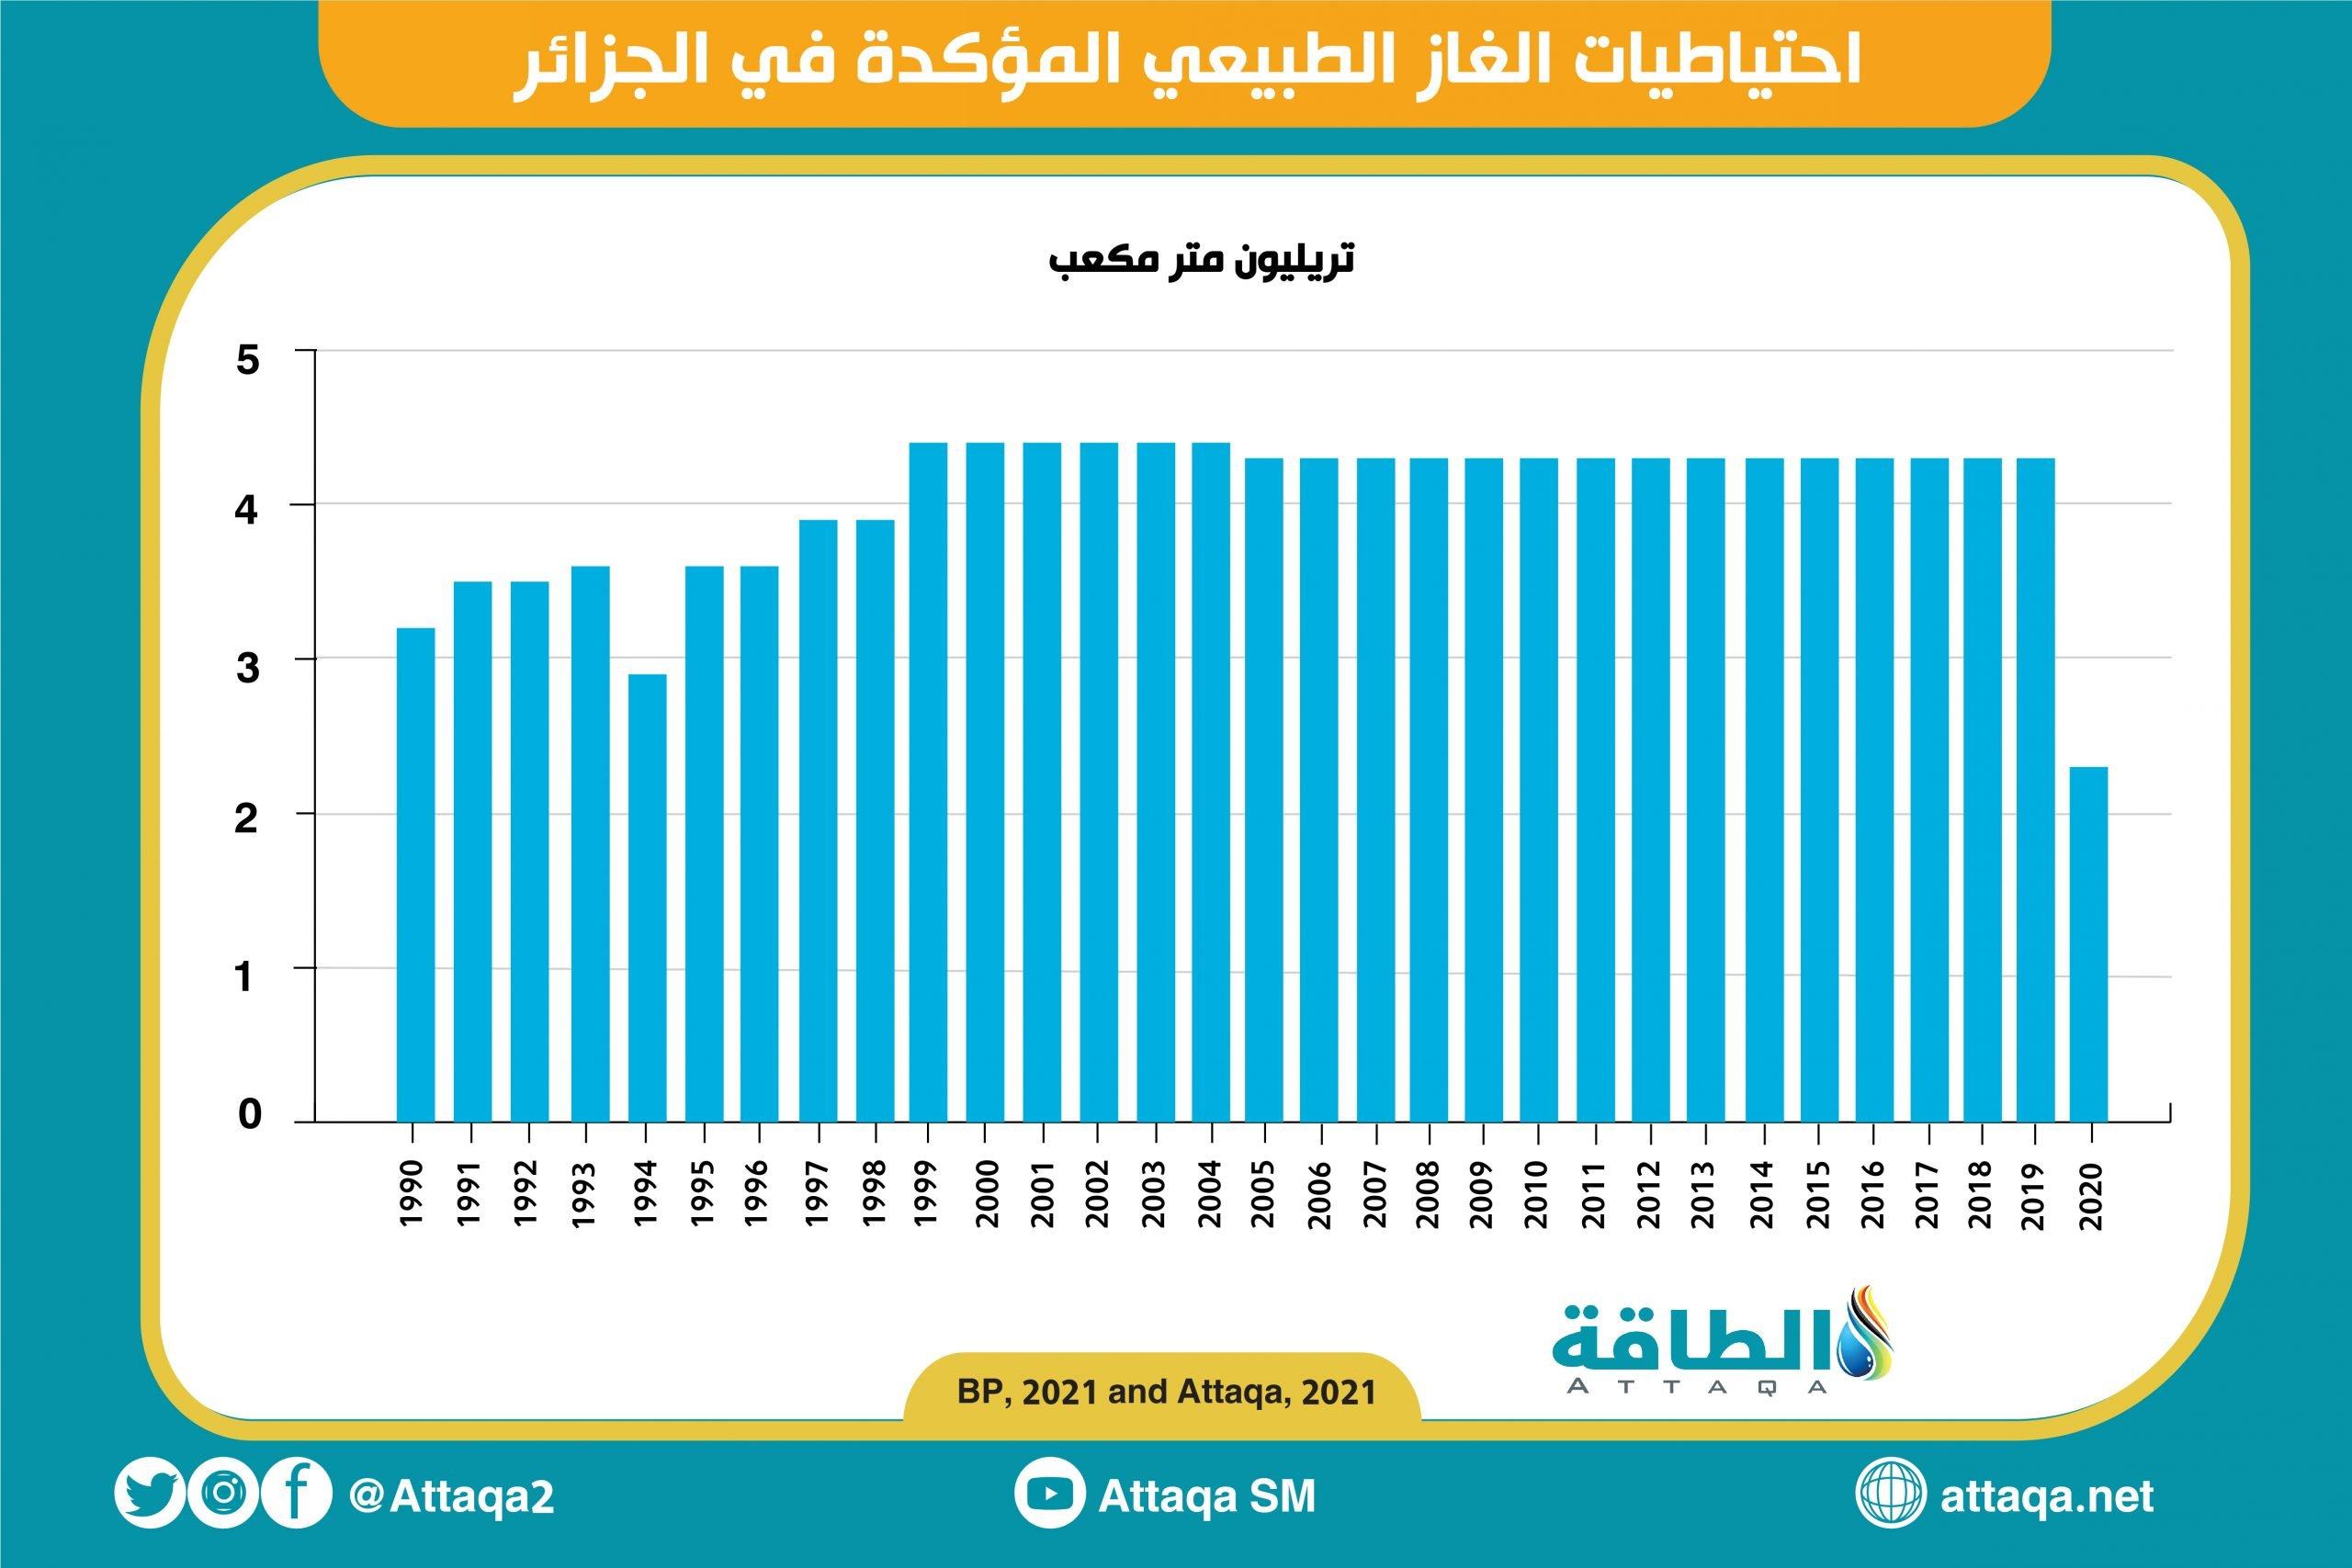 الجزائر - احتياطيات الغاز